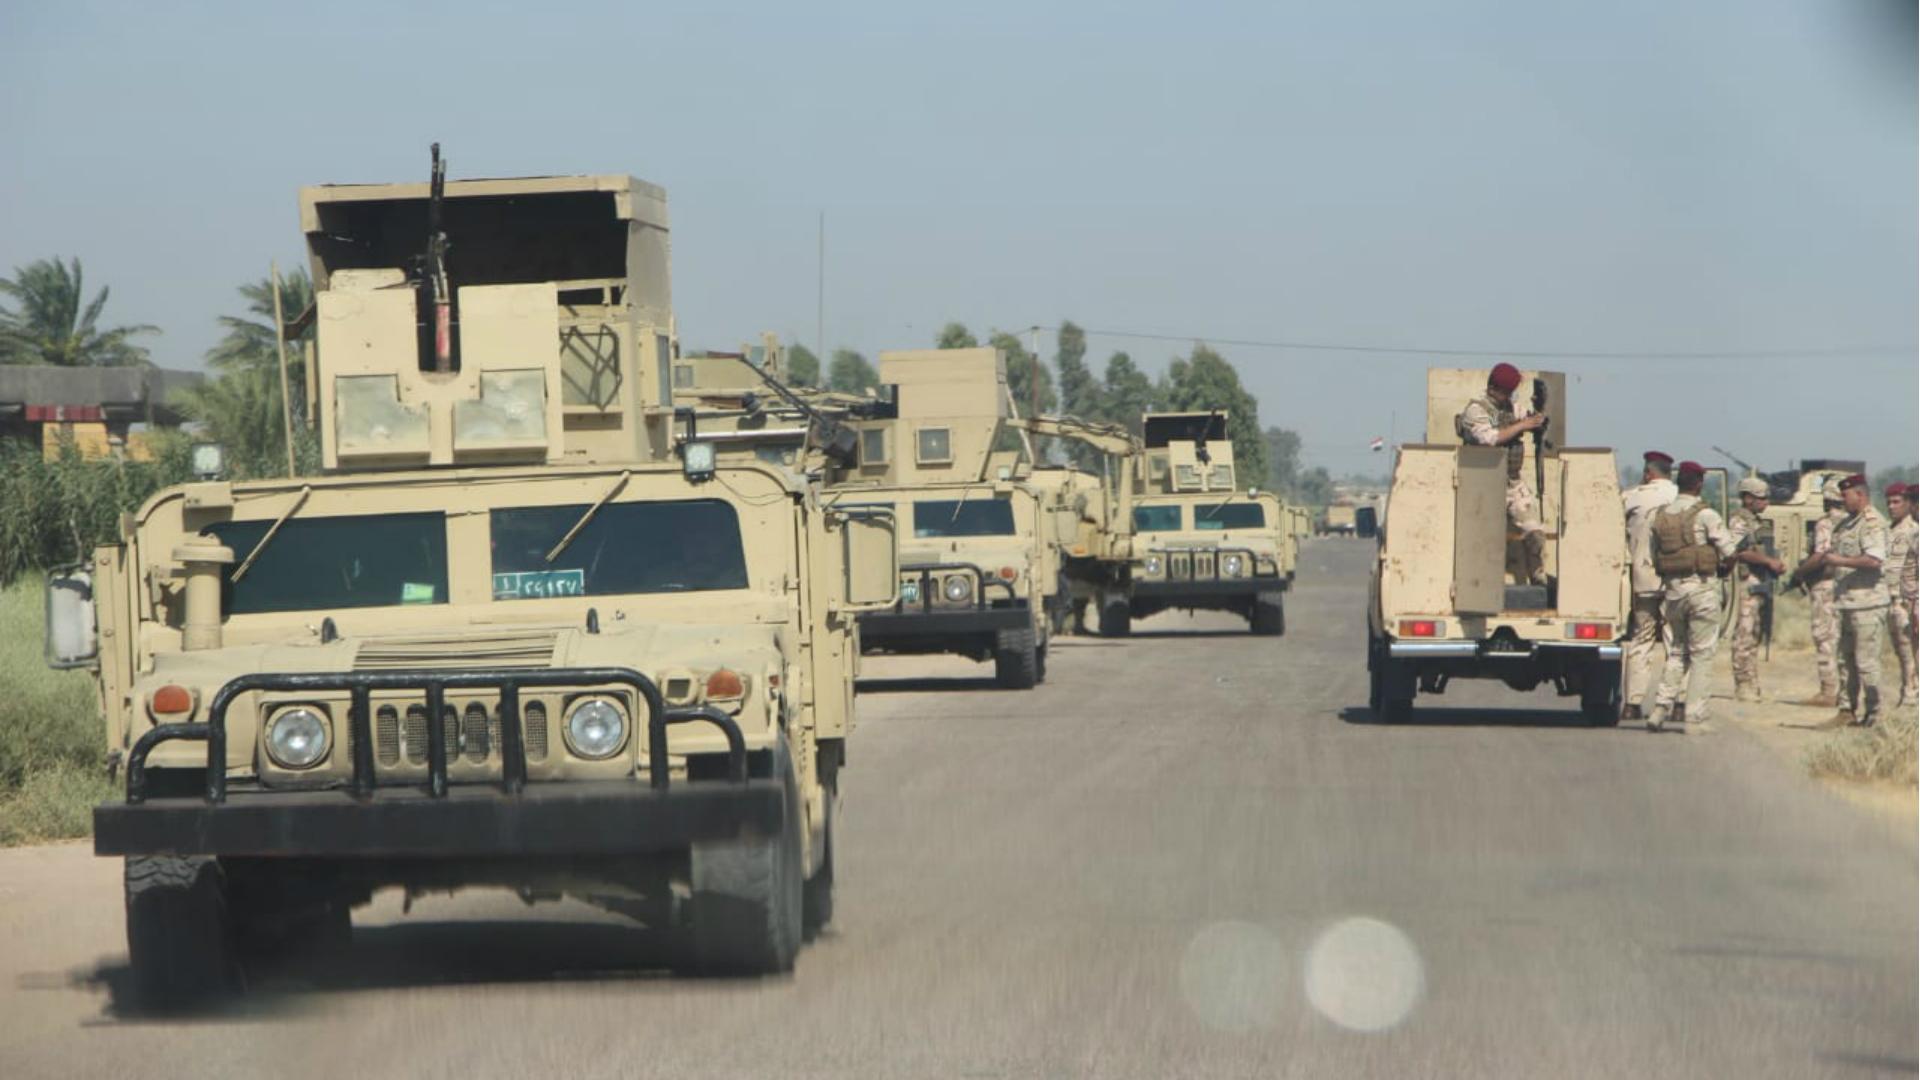 أكد الناطق باسم القائد العام للقوات المسلحة استمرار العمليات الاستباقية لحماية الاراضي المشتركة مع سوريا